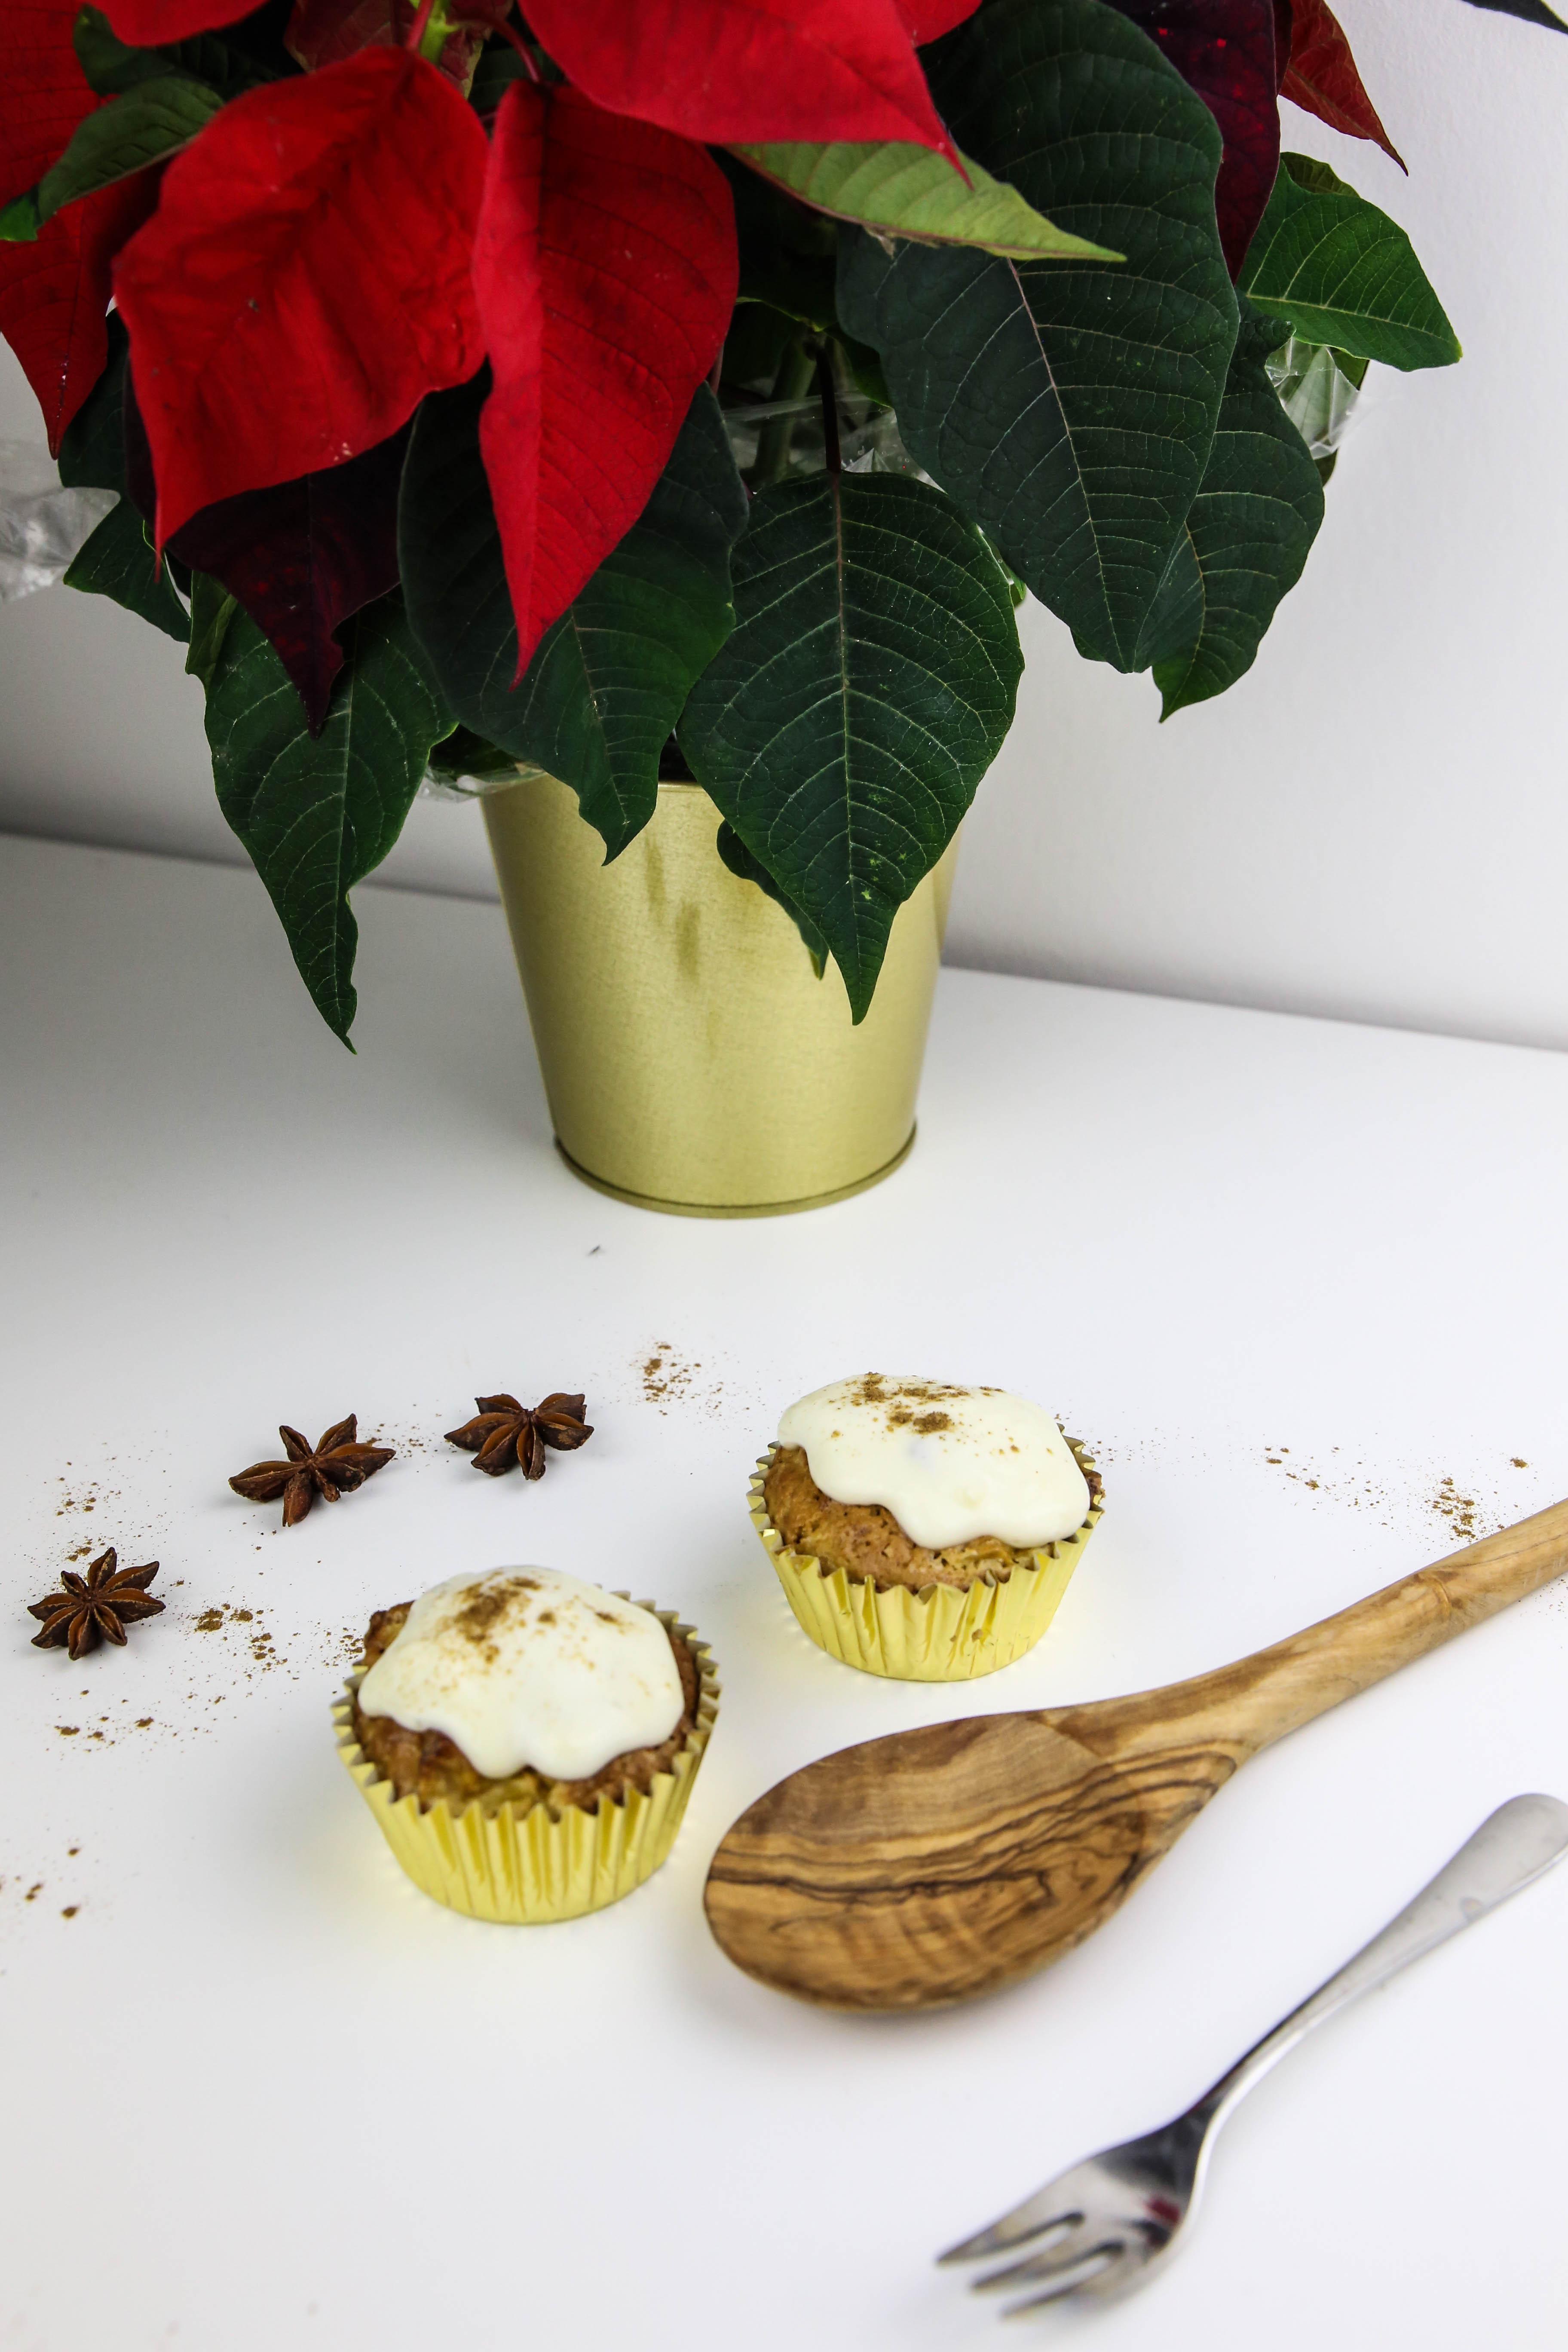 butternuss-kürbis-muffins-herbstliche-rezepte-backen-lecker-food-blog-berlin